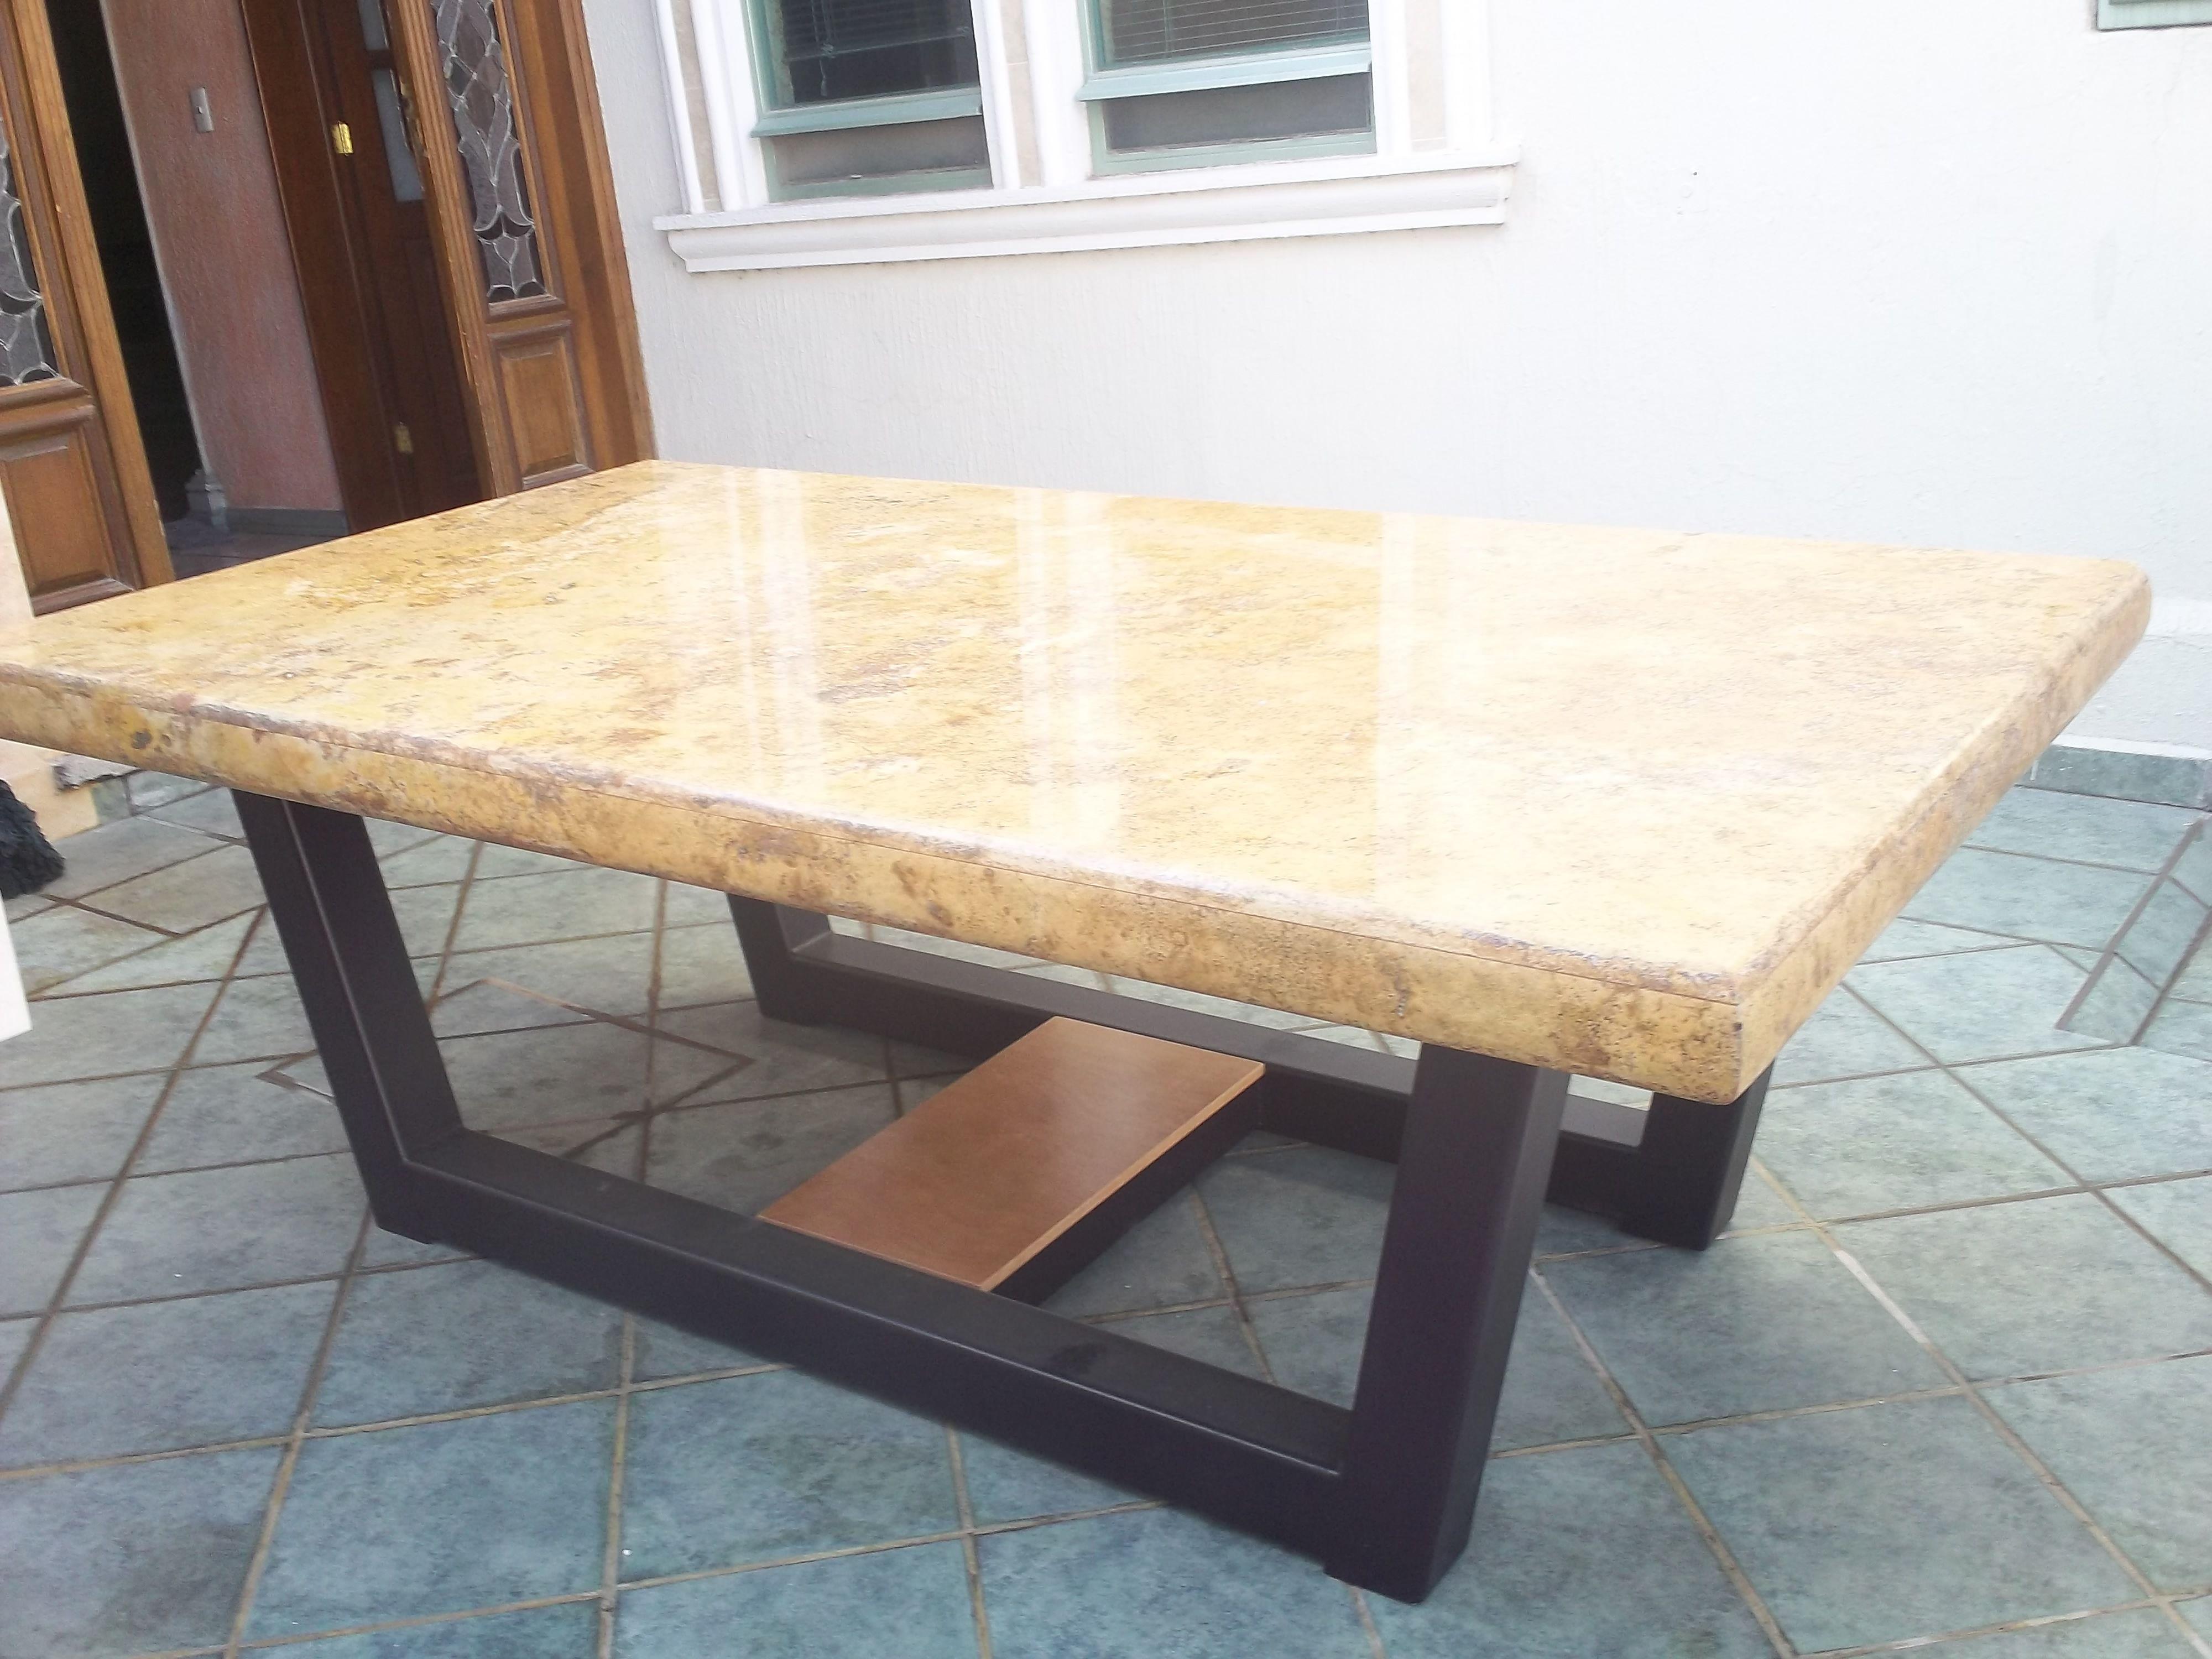 Bases para mesas de centro mesa de centro de cristal con for Bases para mesas de centro